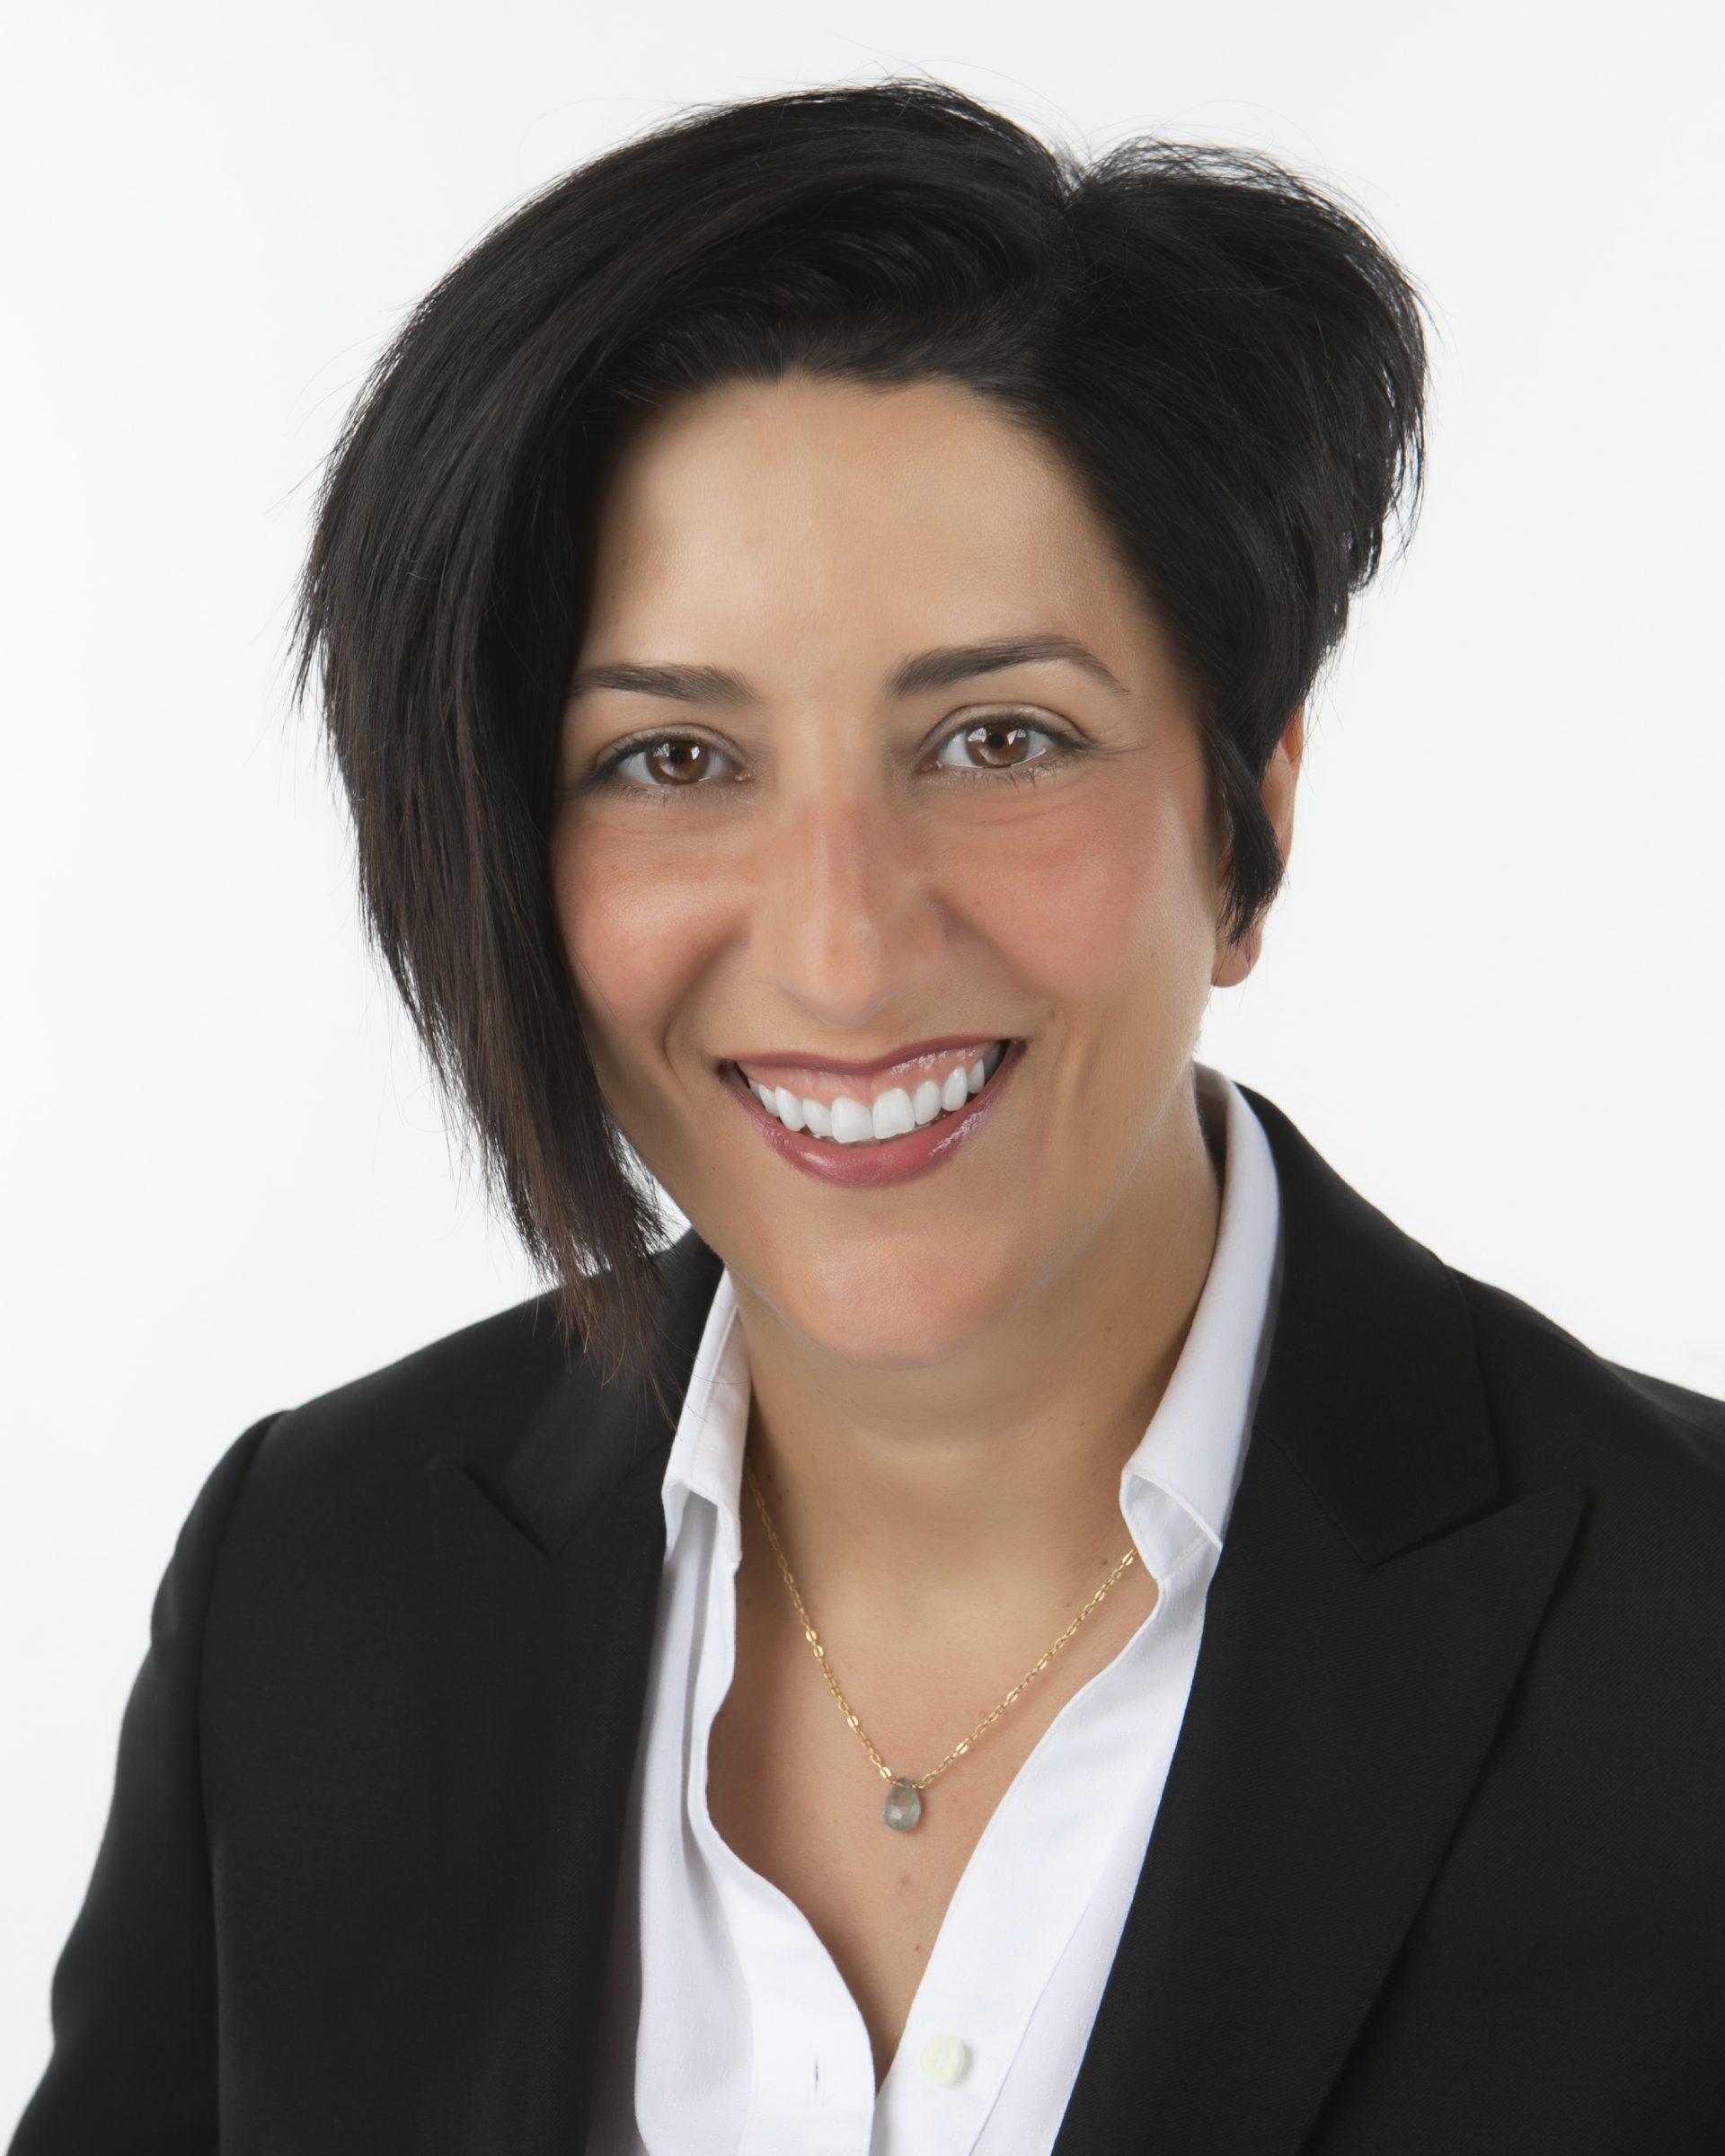 Tina Santelli